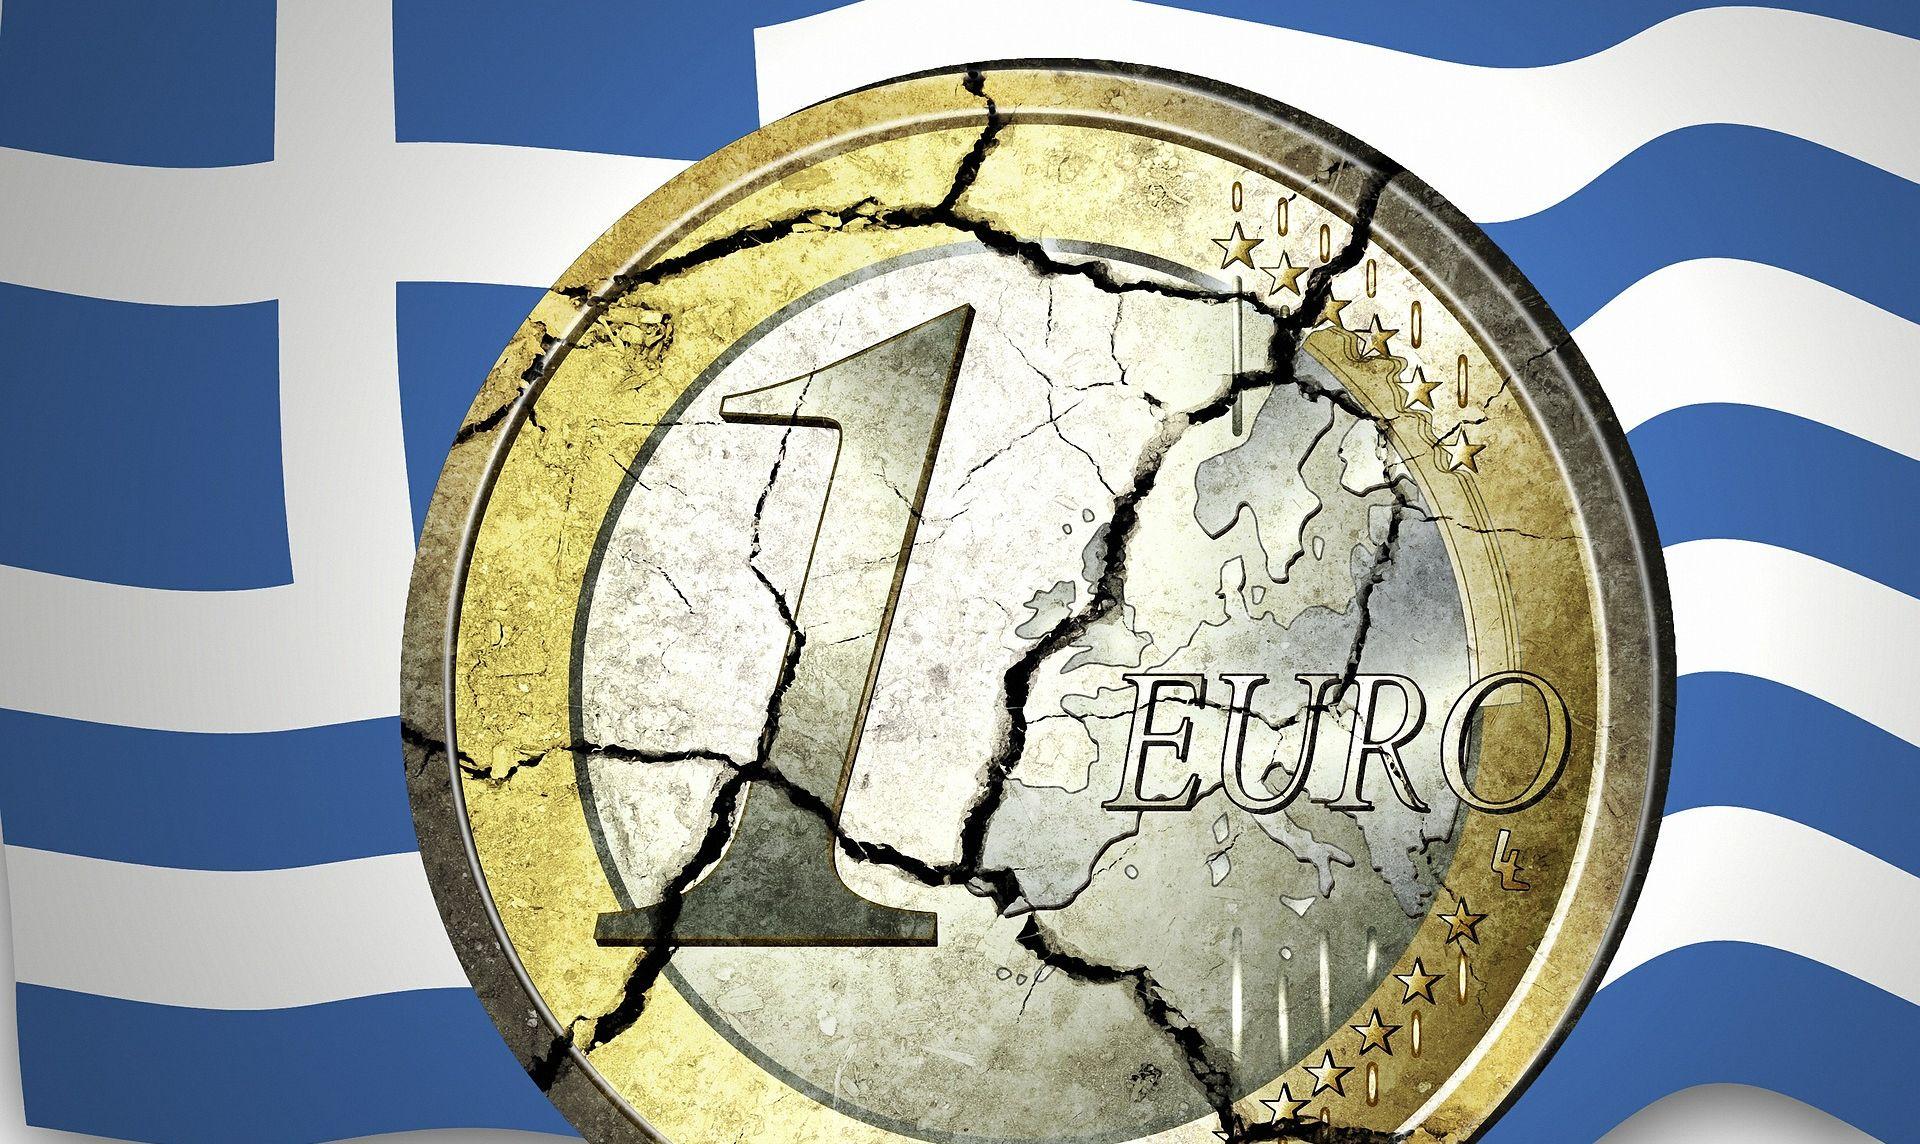 Bijeg iz eurozone i povratak drahme spašava Grčku